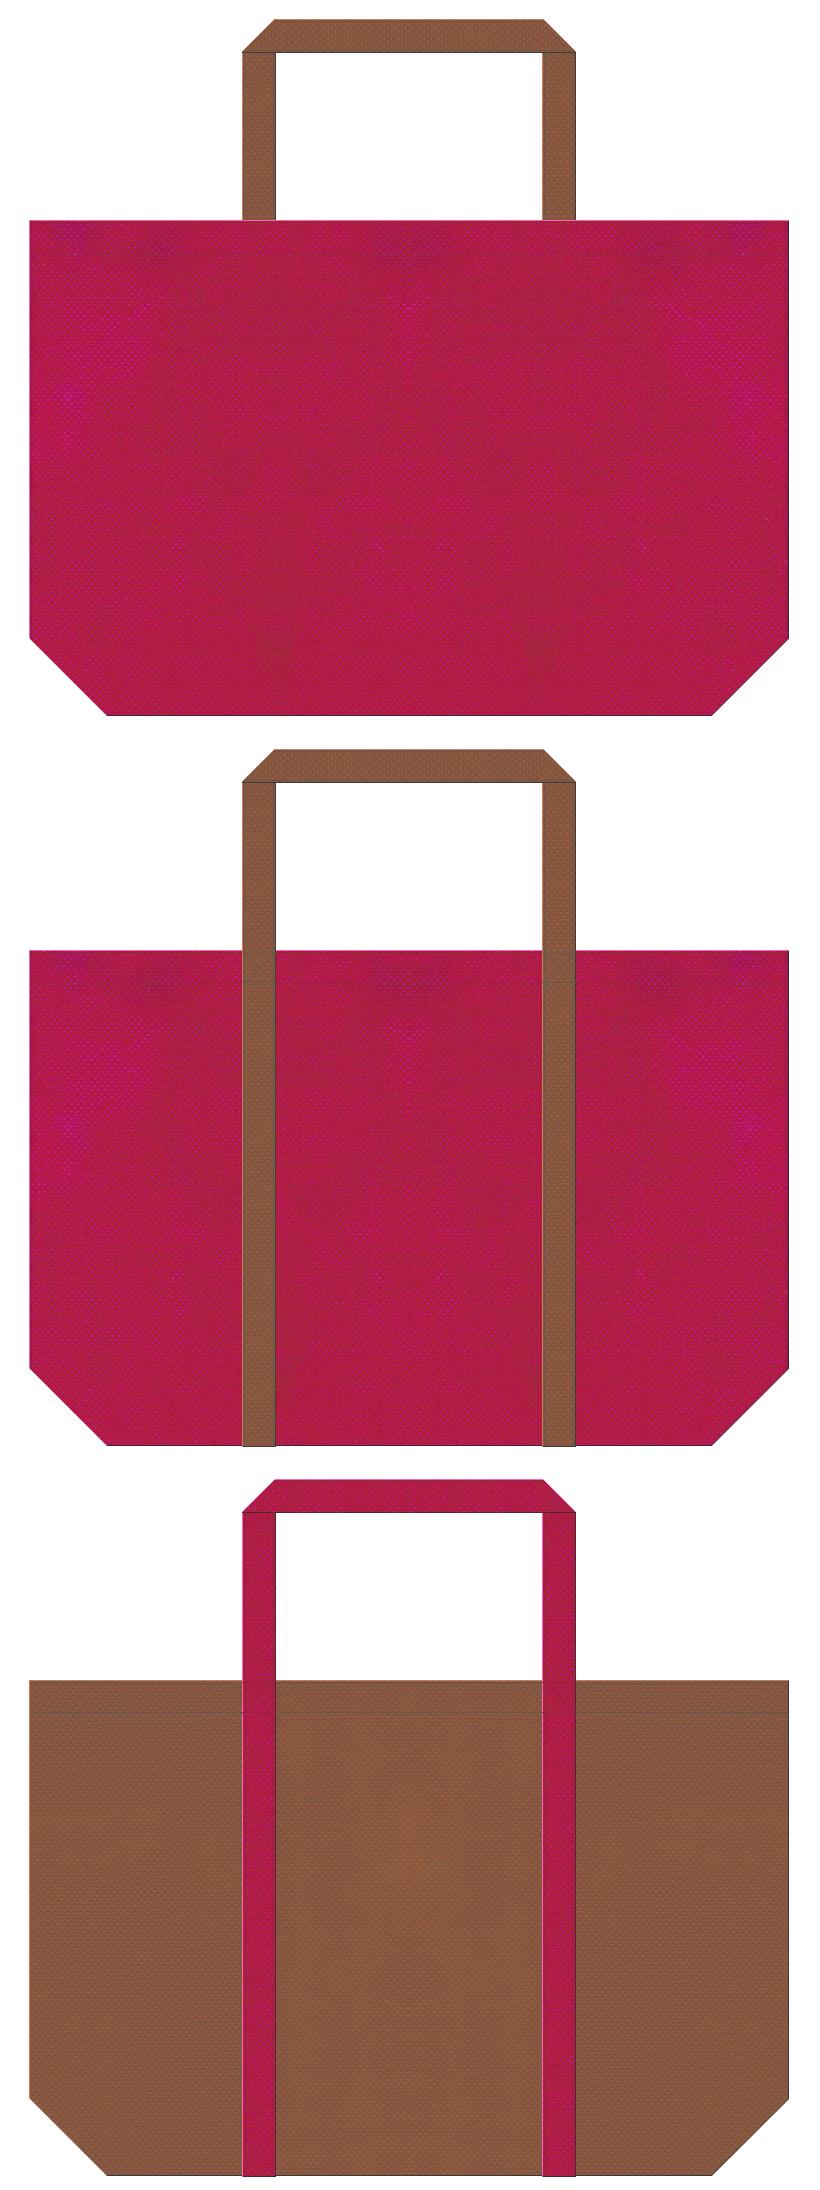 絵本・おとぎ話・南国・トロピカル・フルーツ・カクテル・リゾート・トラベルバッグ・ハワイアン・アロハシャツ・水着のショッピングバッグにお奨めの不織布バッグデザイン:濃いピンク色と茶色のコーデ